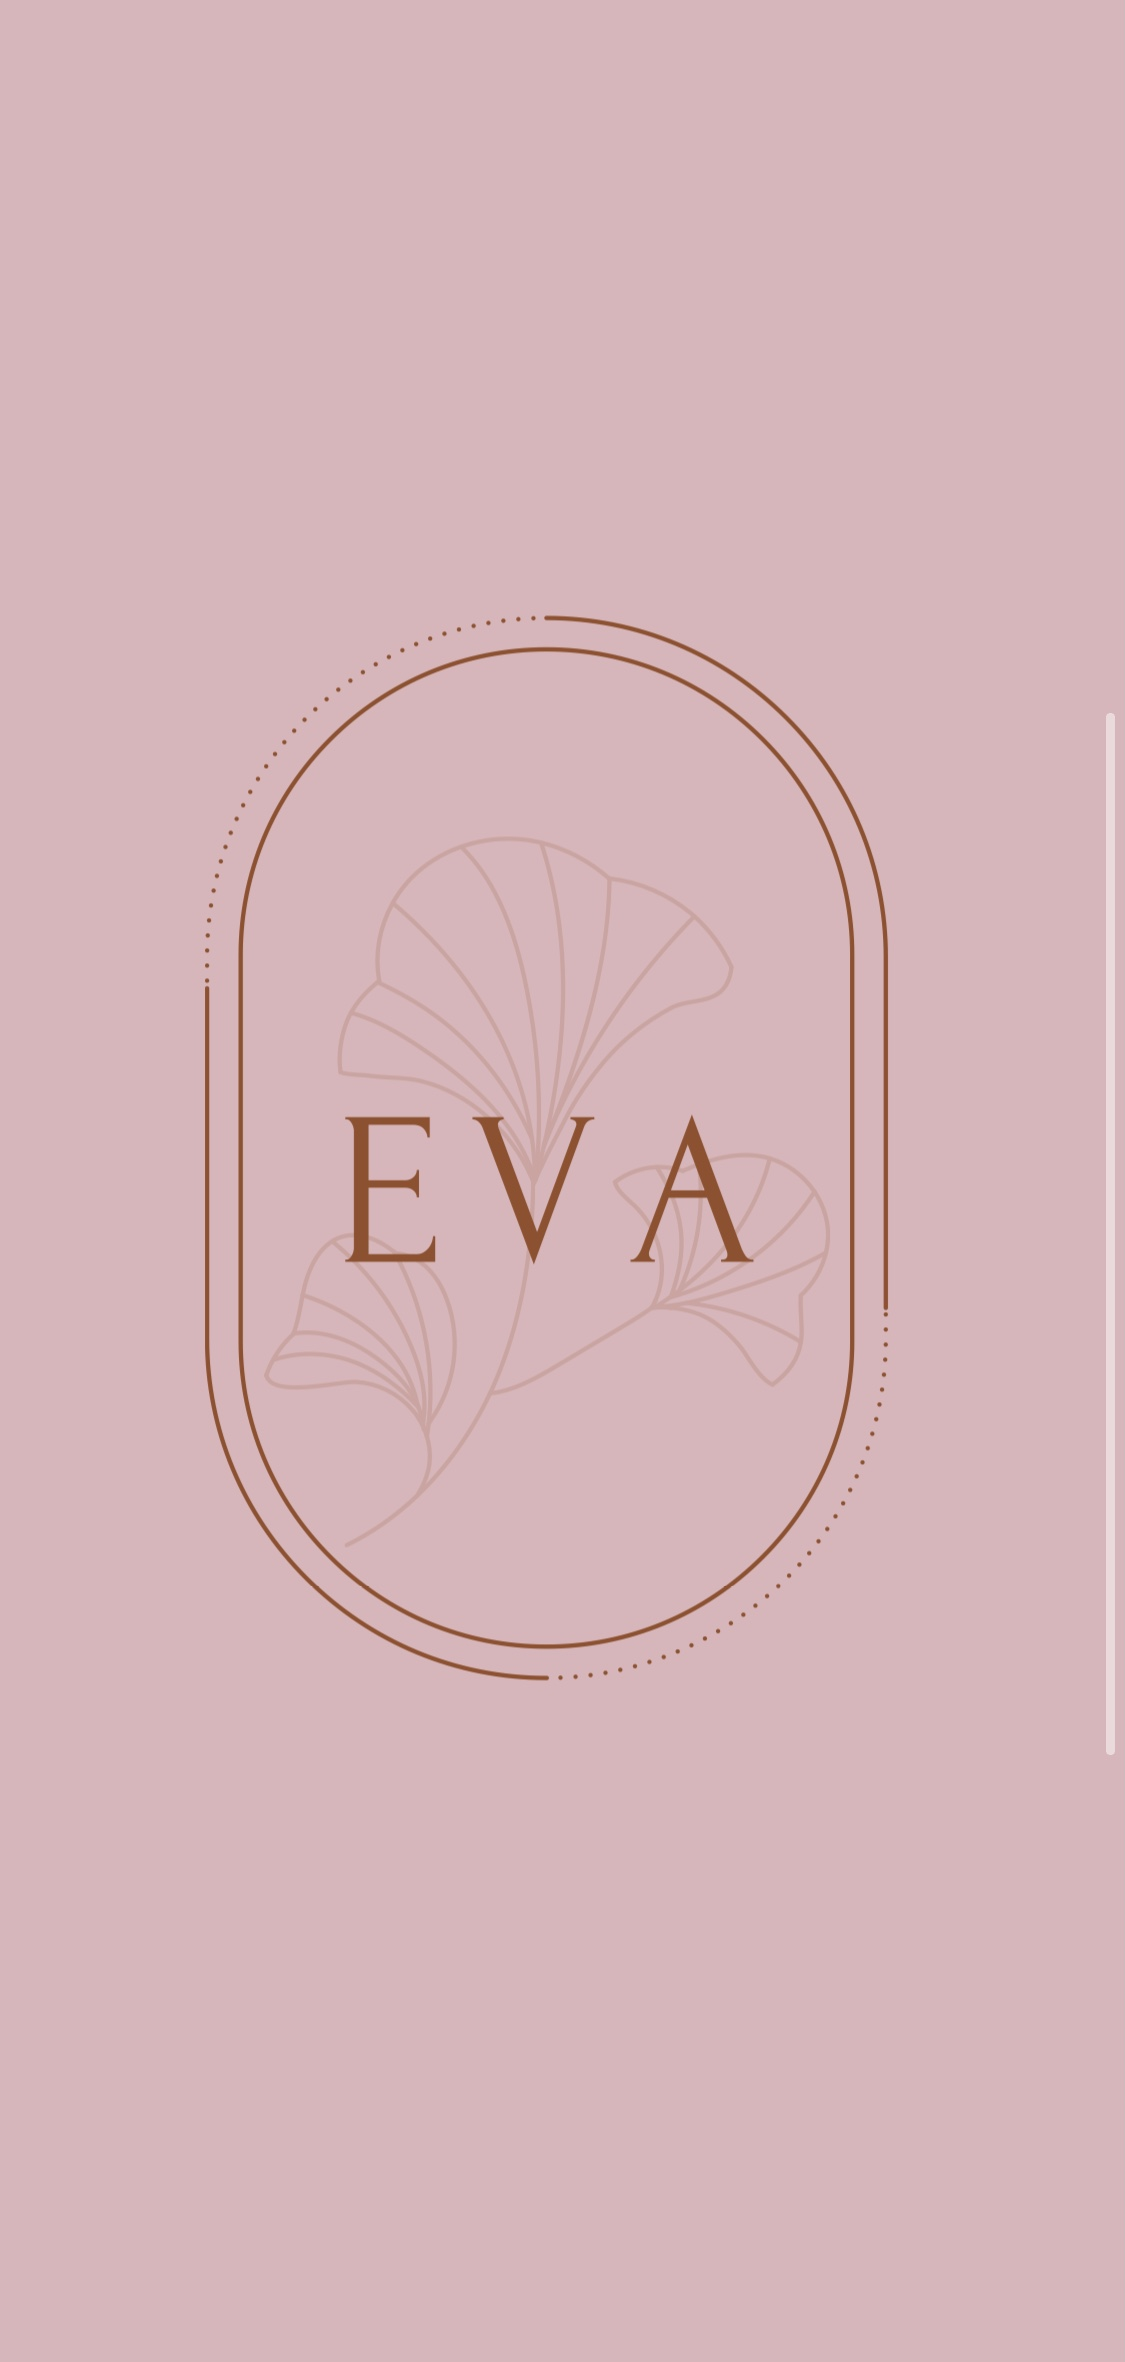 Eva Designs